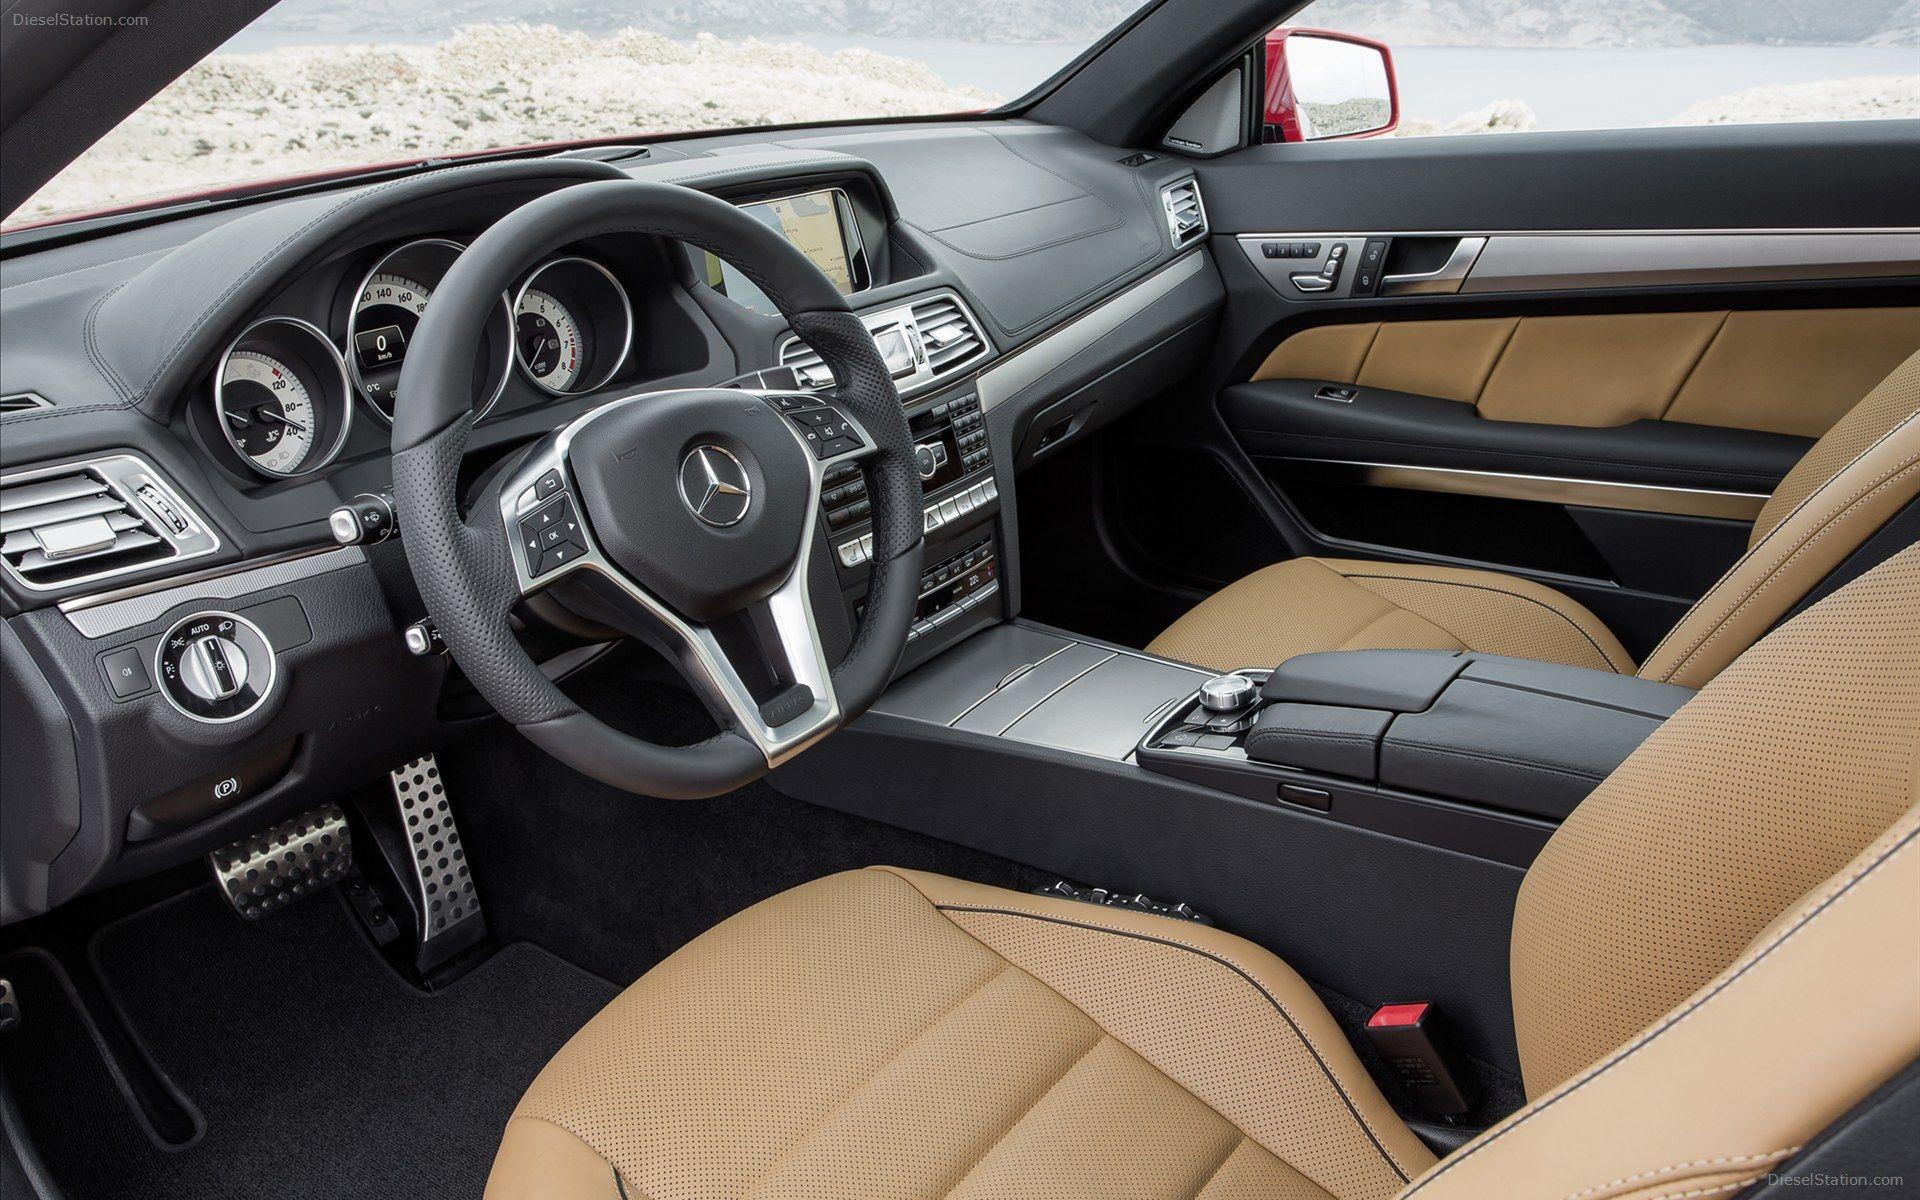 Mercedes E Class Coupe Interior Mercedes E Class Coupe Benz E Class